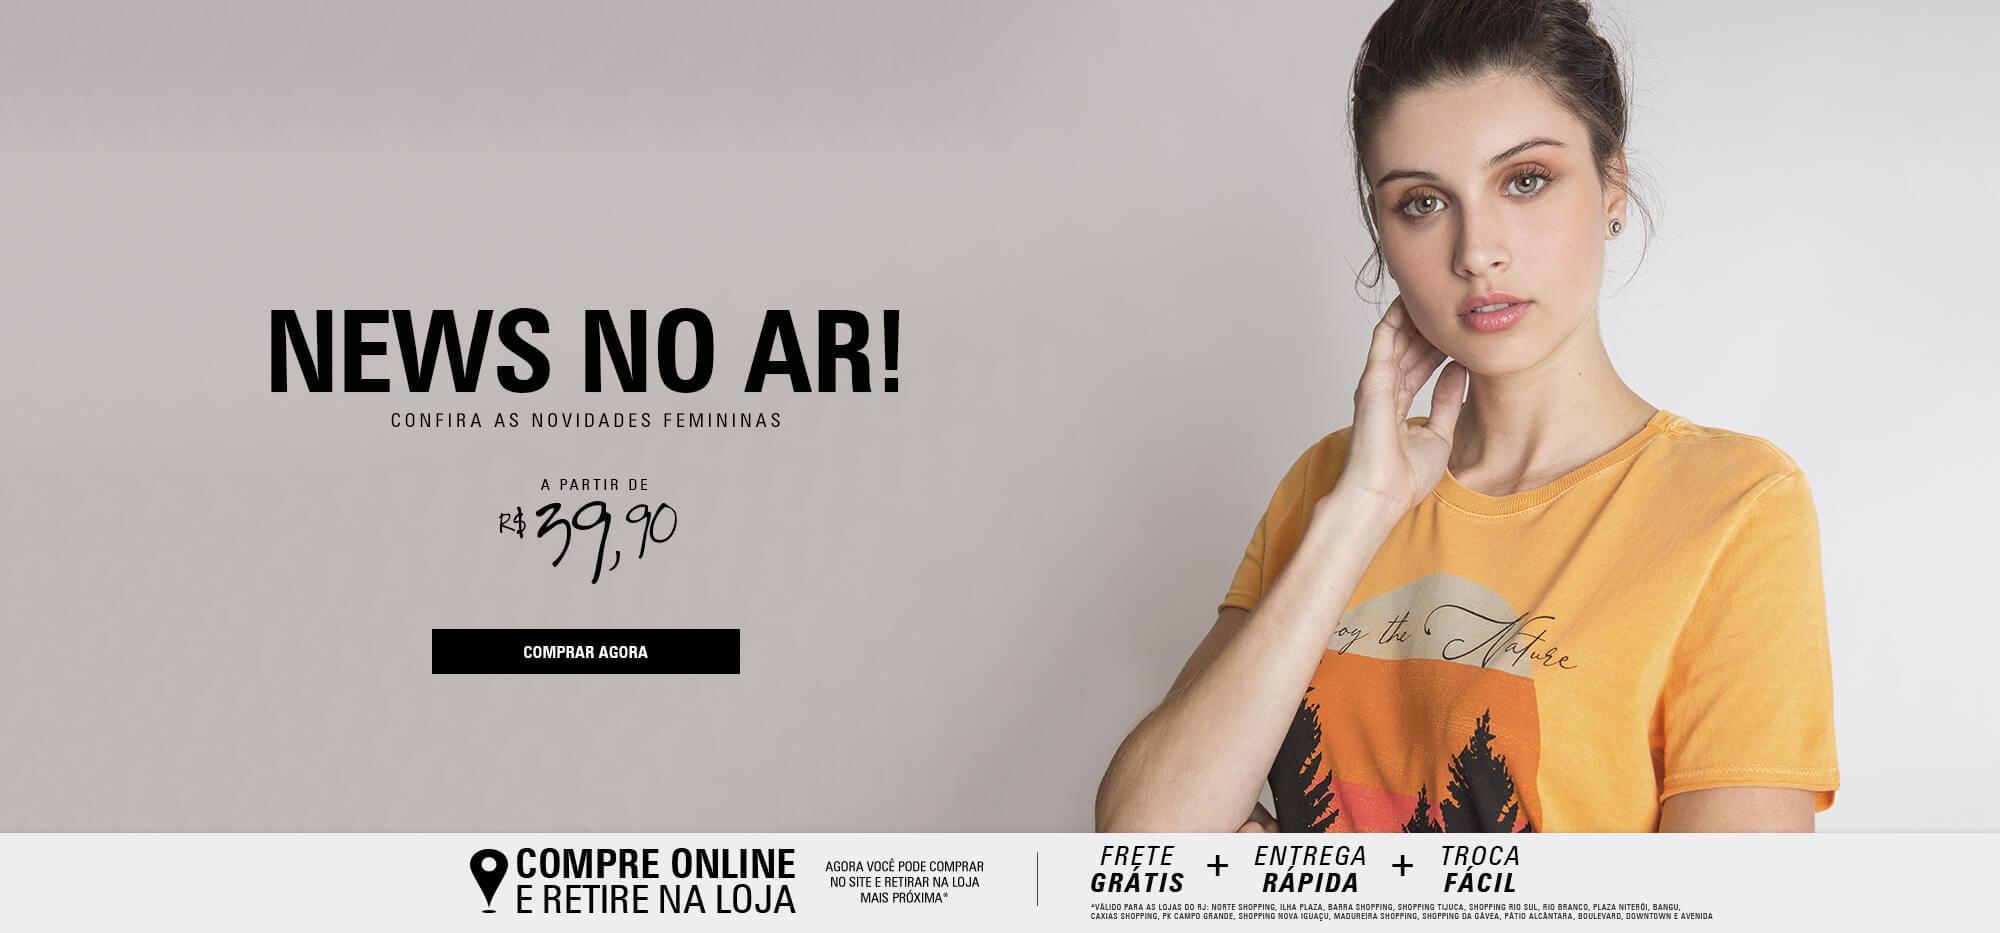 FEMININO - ESCURO